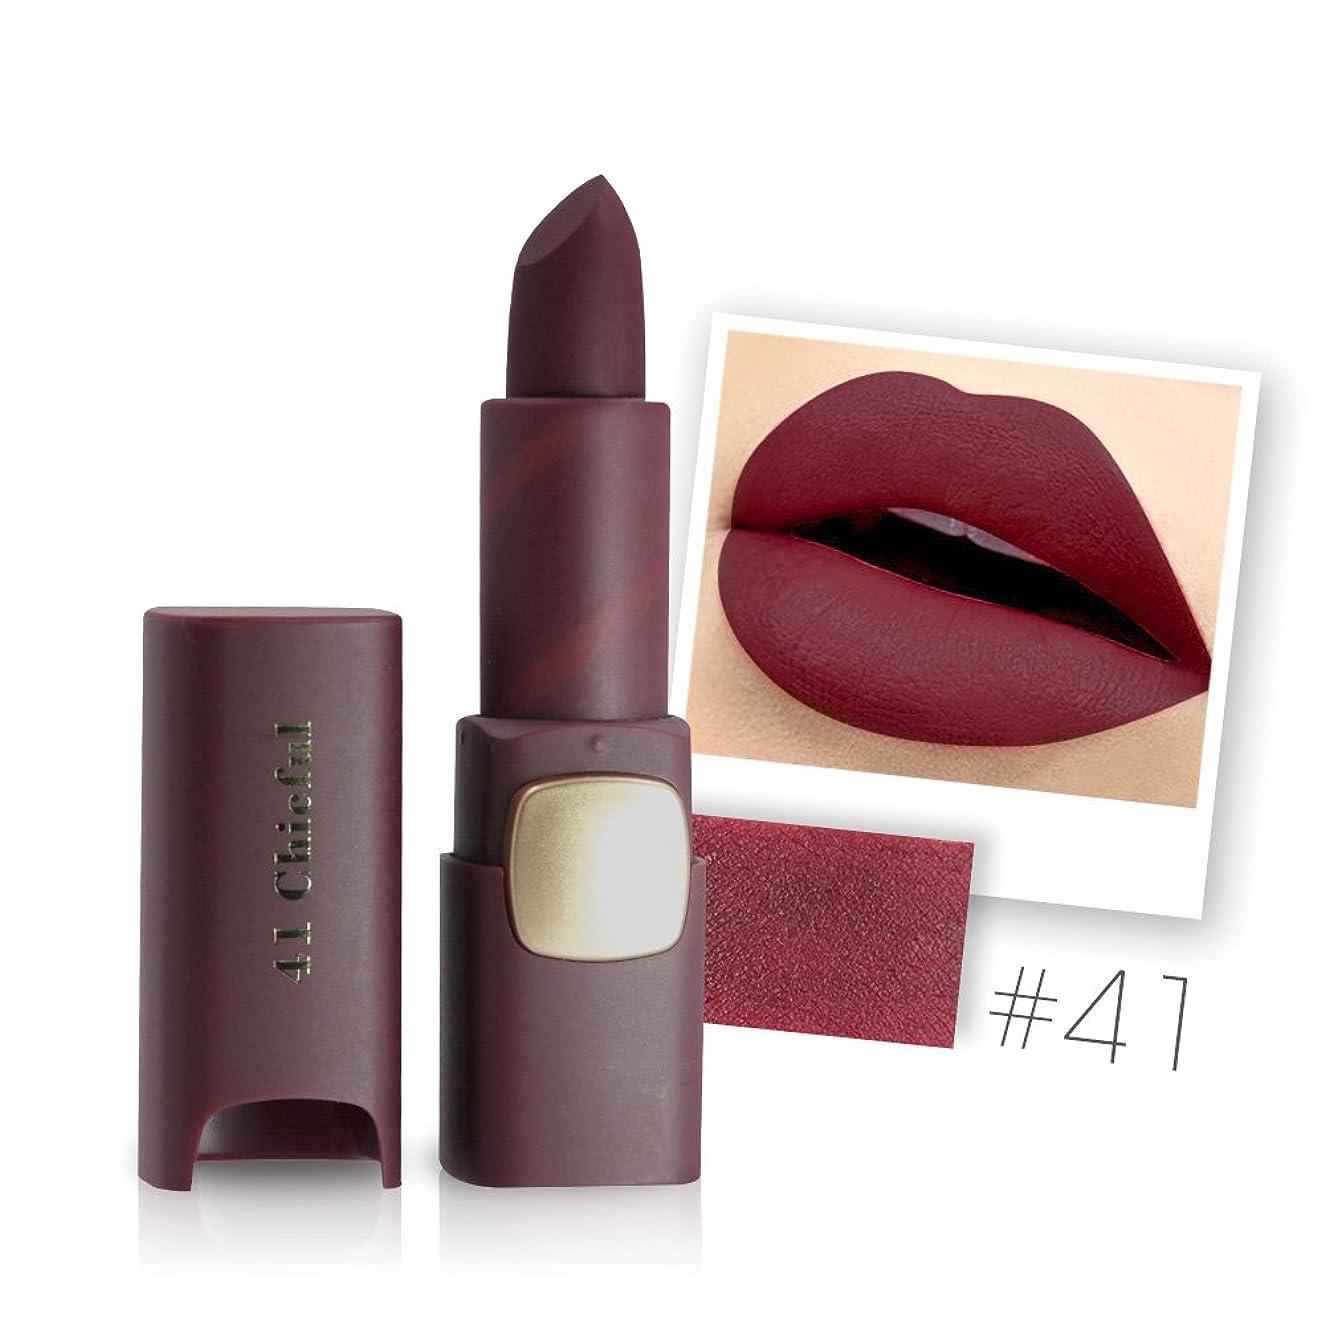 シーボードマークダウン厚さMiss Rose Brand Matte Lipstick Waterproof Lips Moisturizing Easy To Wear Makeup Lip Sticks Gloss Lipsticks Cosmetic